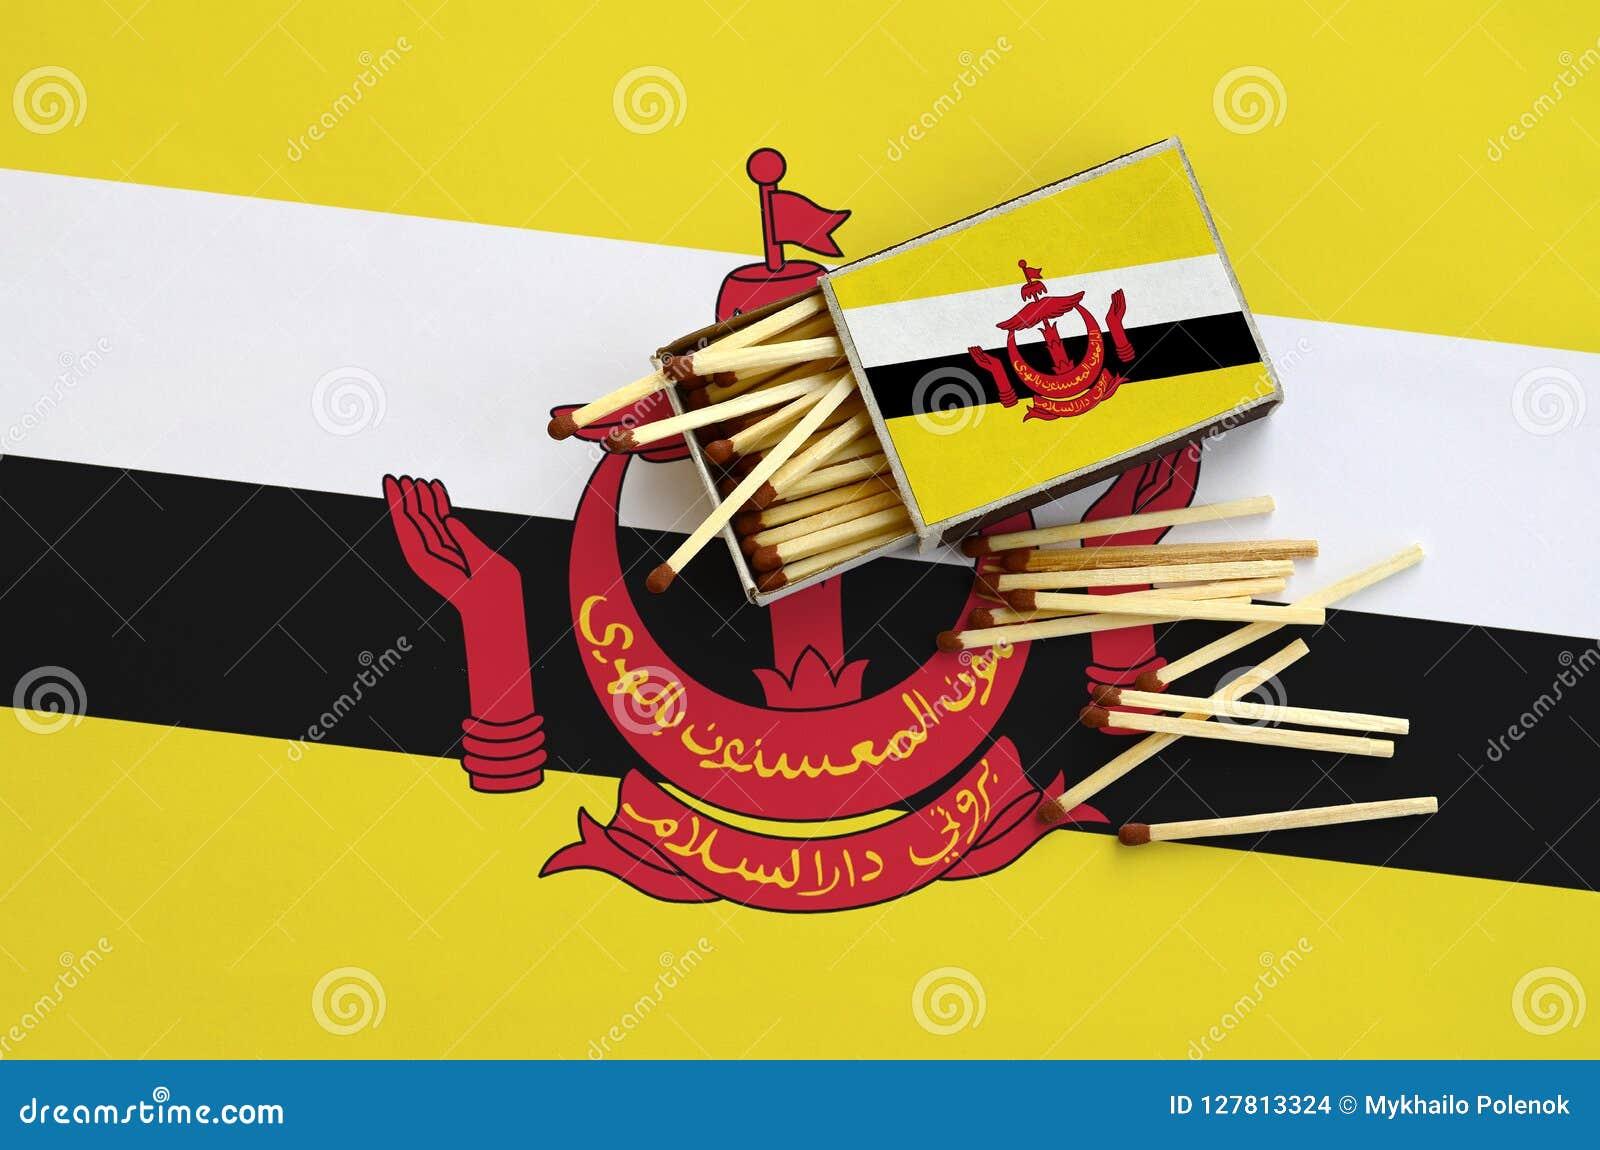 Η σημαία του Μπρουνέι Darussalam παρουσιάζεται σε ένα ανοικτό σπιρτόκουτο, από το οποίο διάφορες αντιστοιχίες αφορούν και βρίσκον